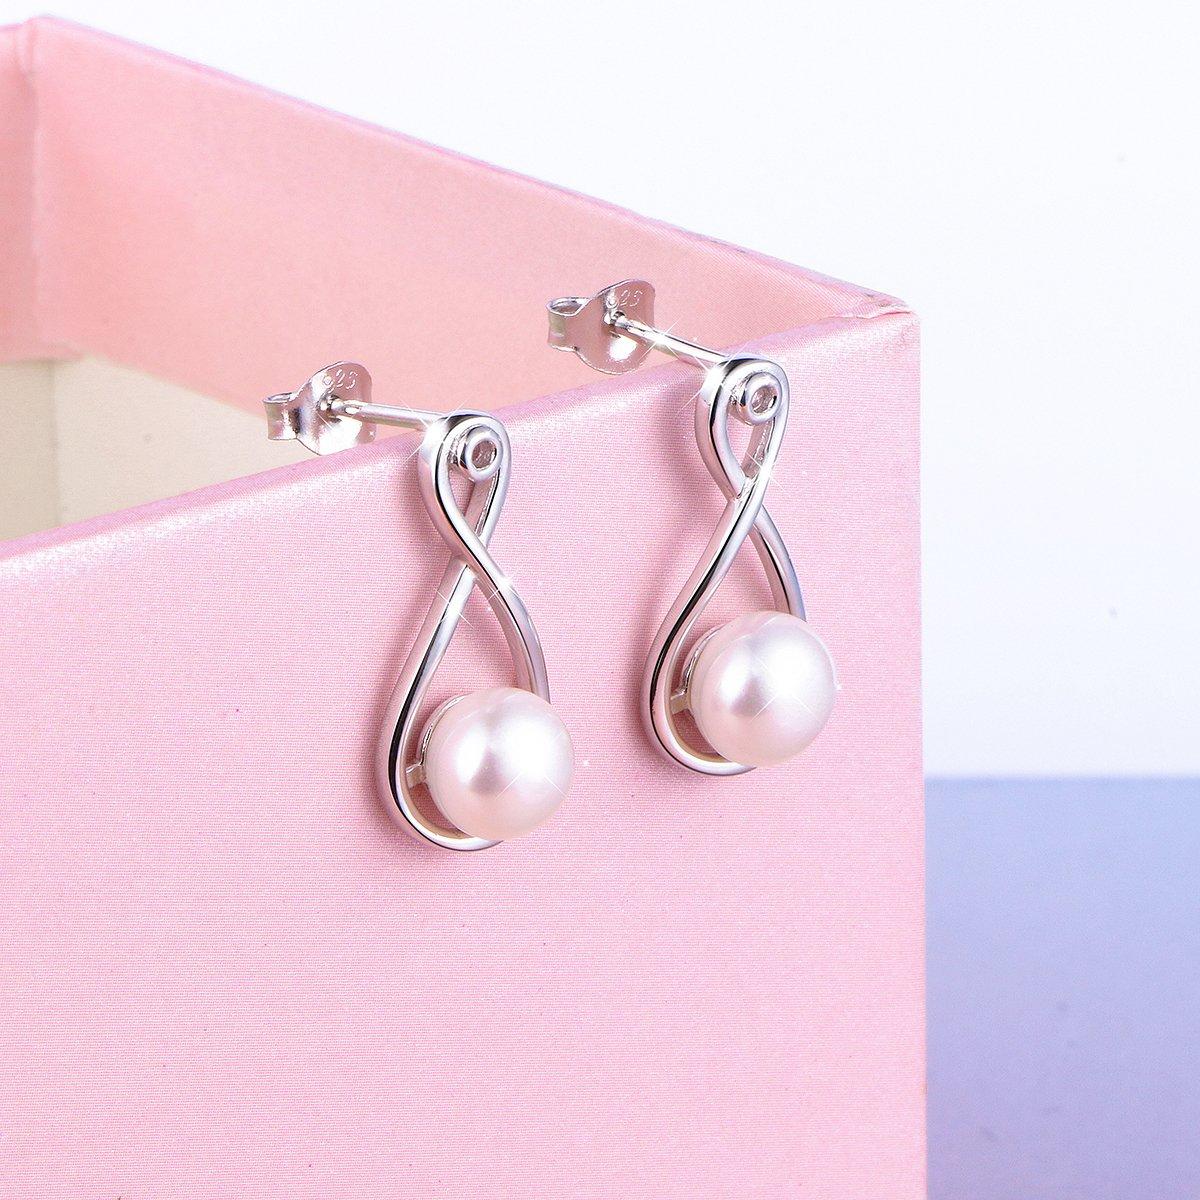 LINLIN FINE JEWELRY 925 Sterling SilverS925 Sterling Silver Stud Dangle Drop Cute Earrings for Women Girl (Infinity) by LINLIN FINE JEWELRY (Image #6)